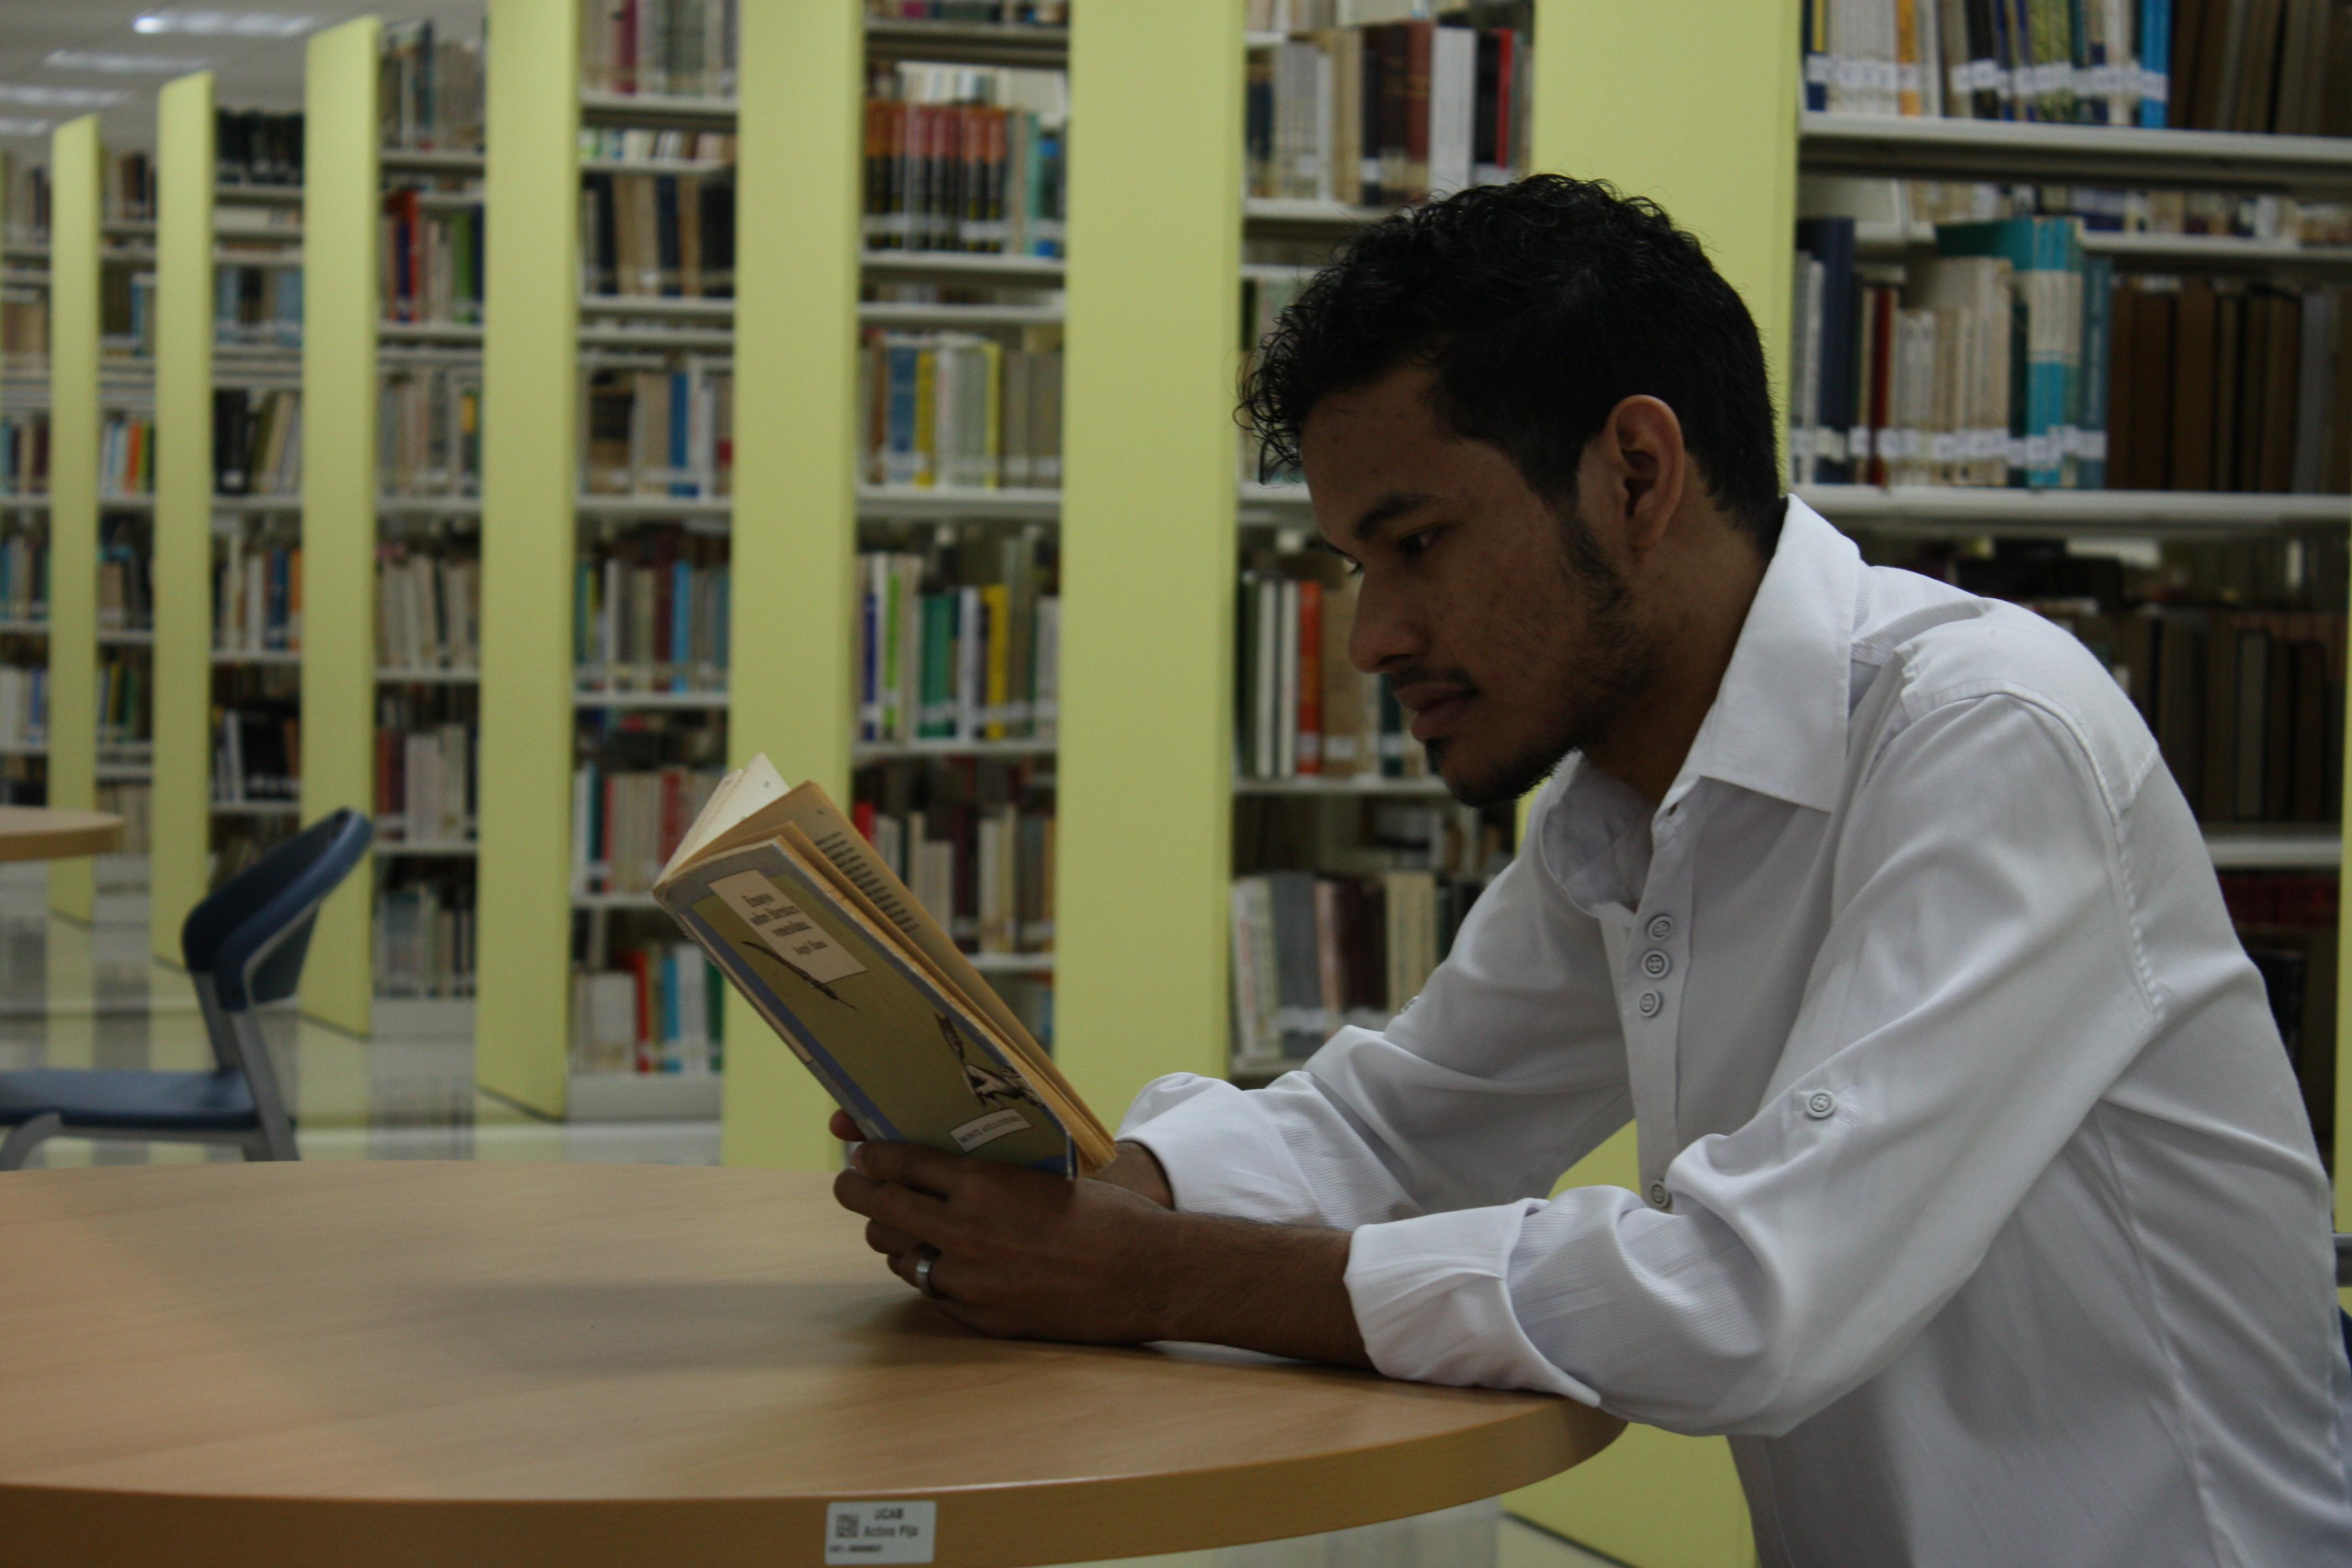 ABediciones invita a los ucabistas a «celebrar entre libros»